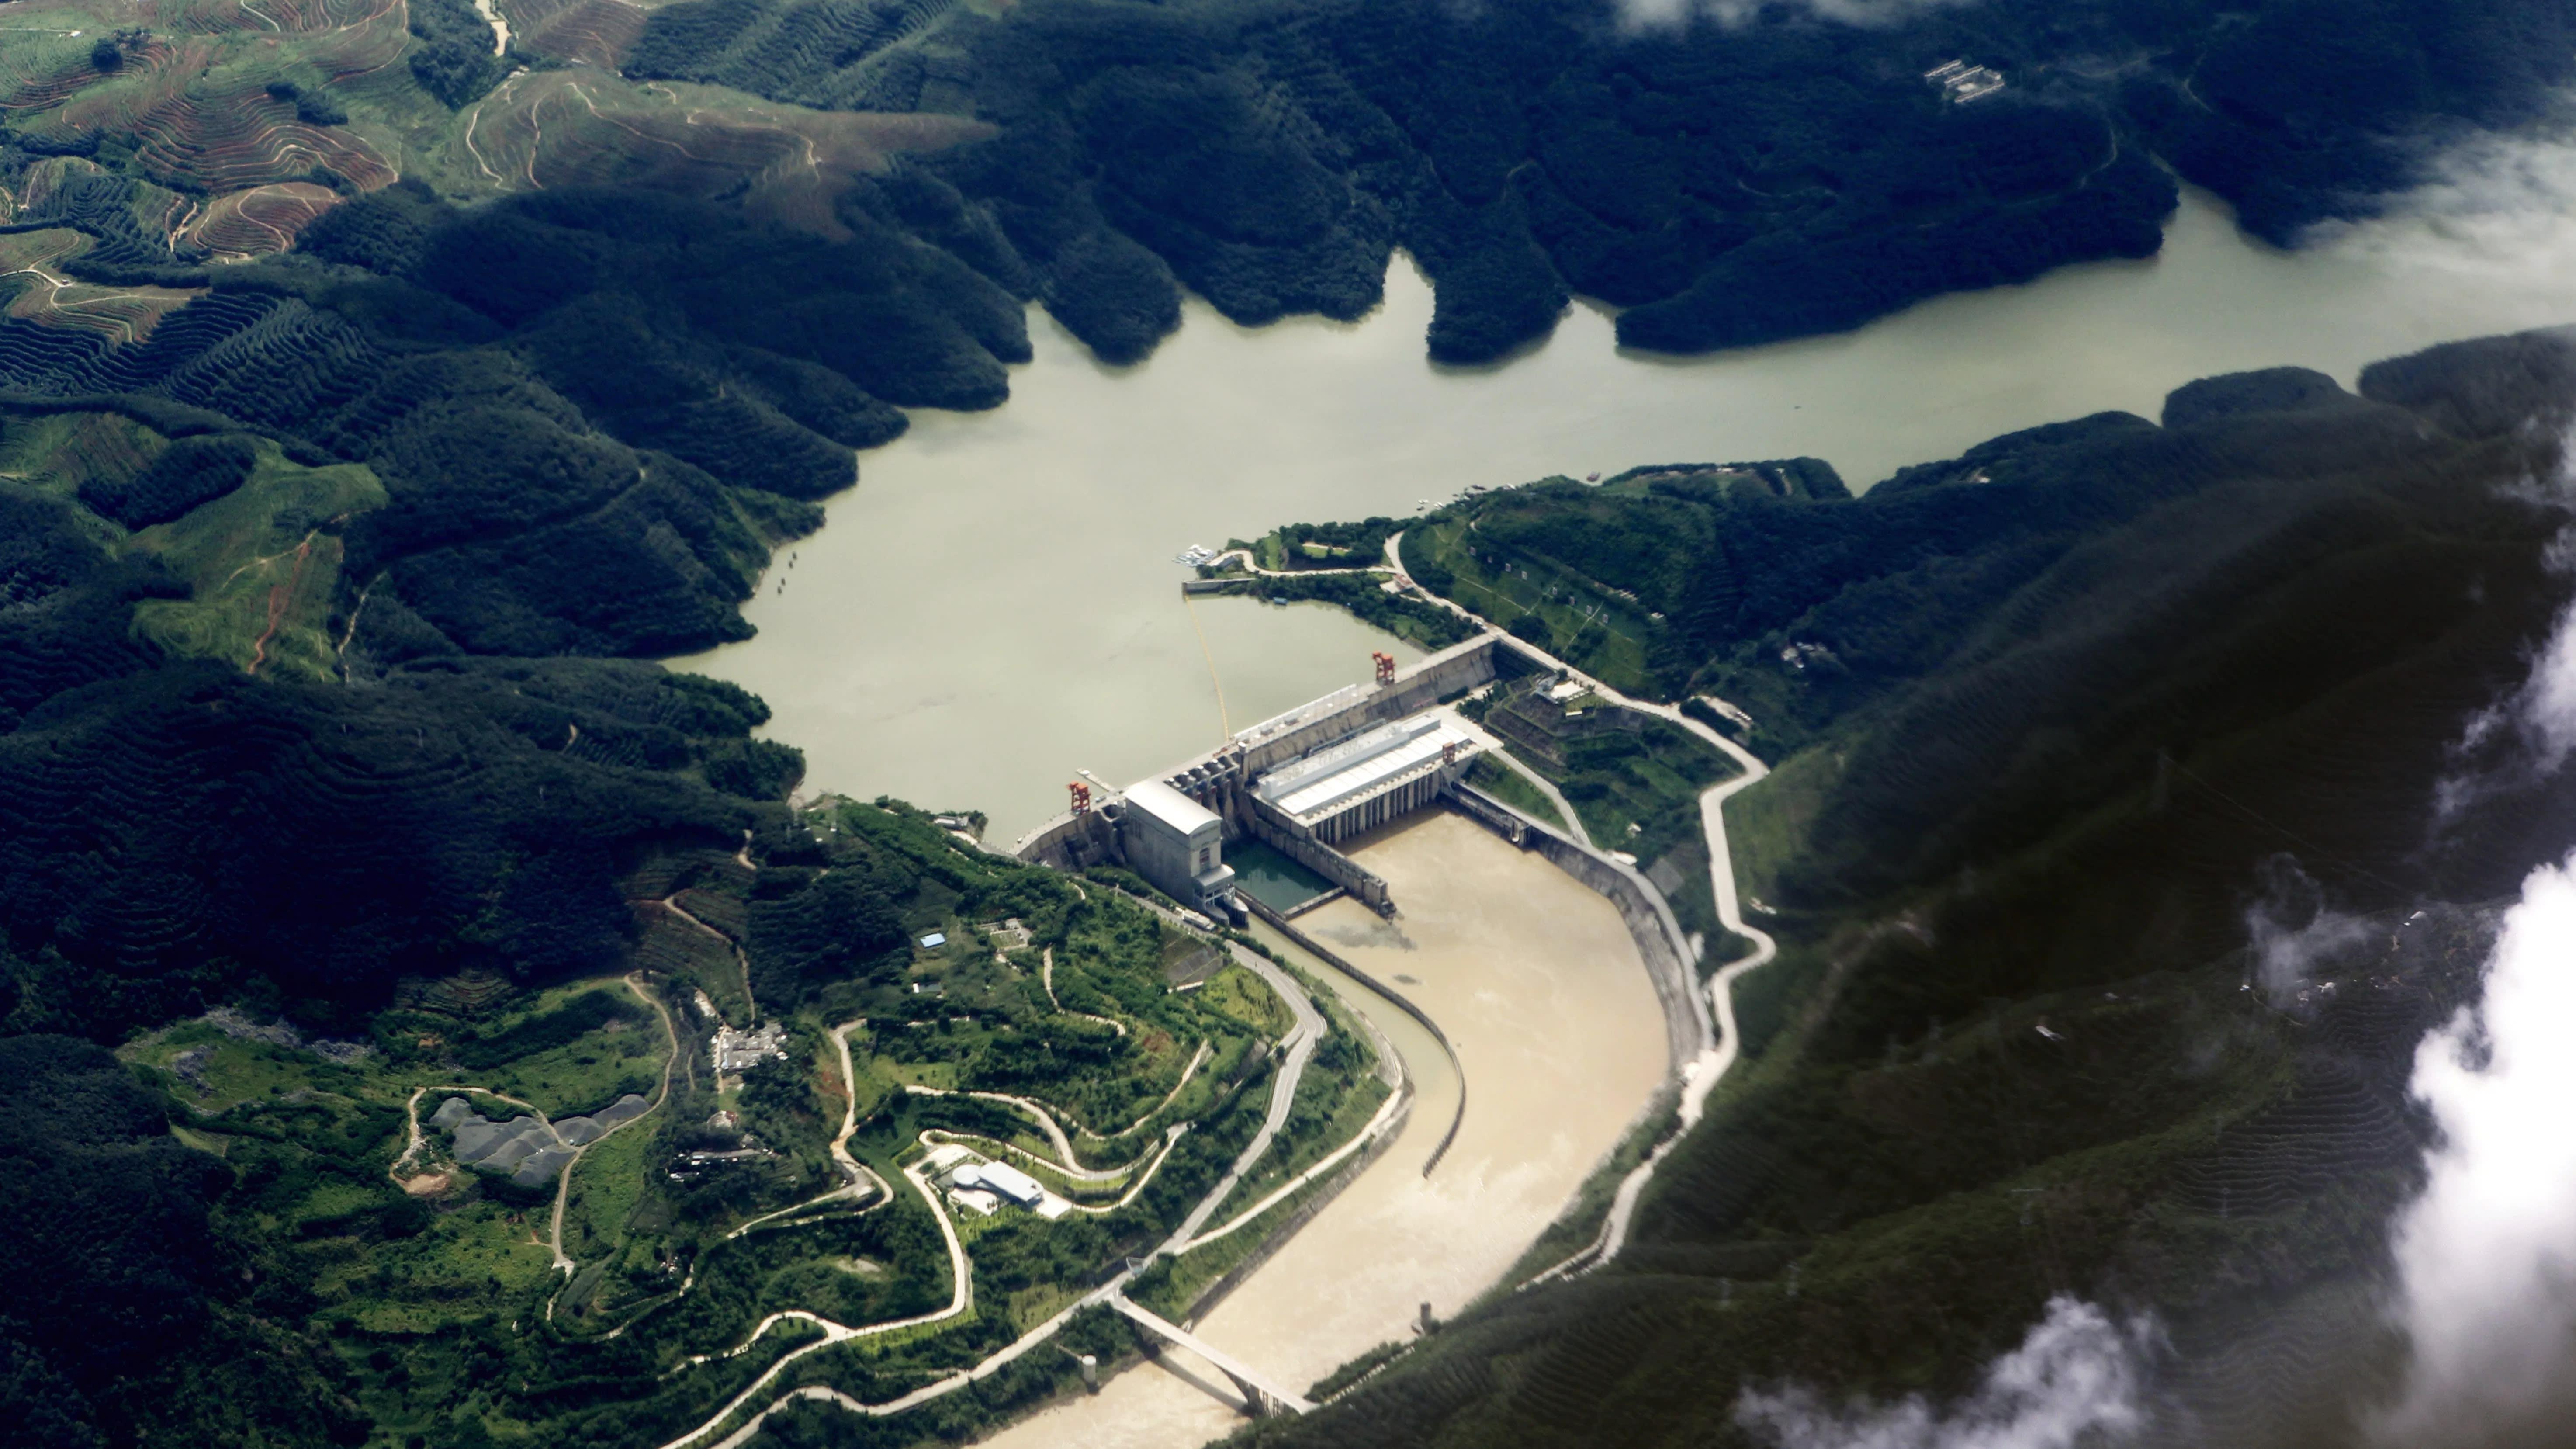 Đập thuỷ điện đe doạ cuộc sống tiểu vùng sông Mê Kông